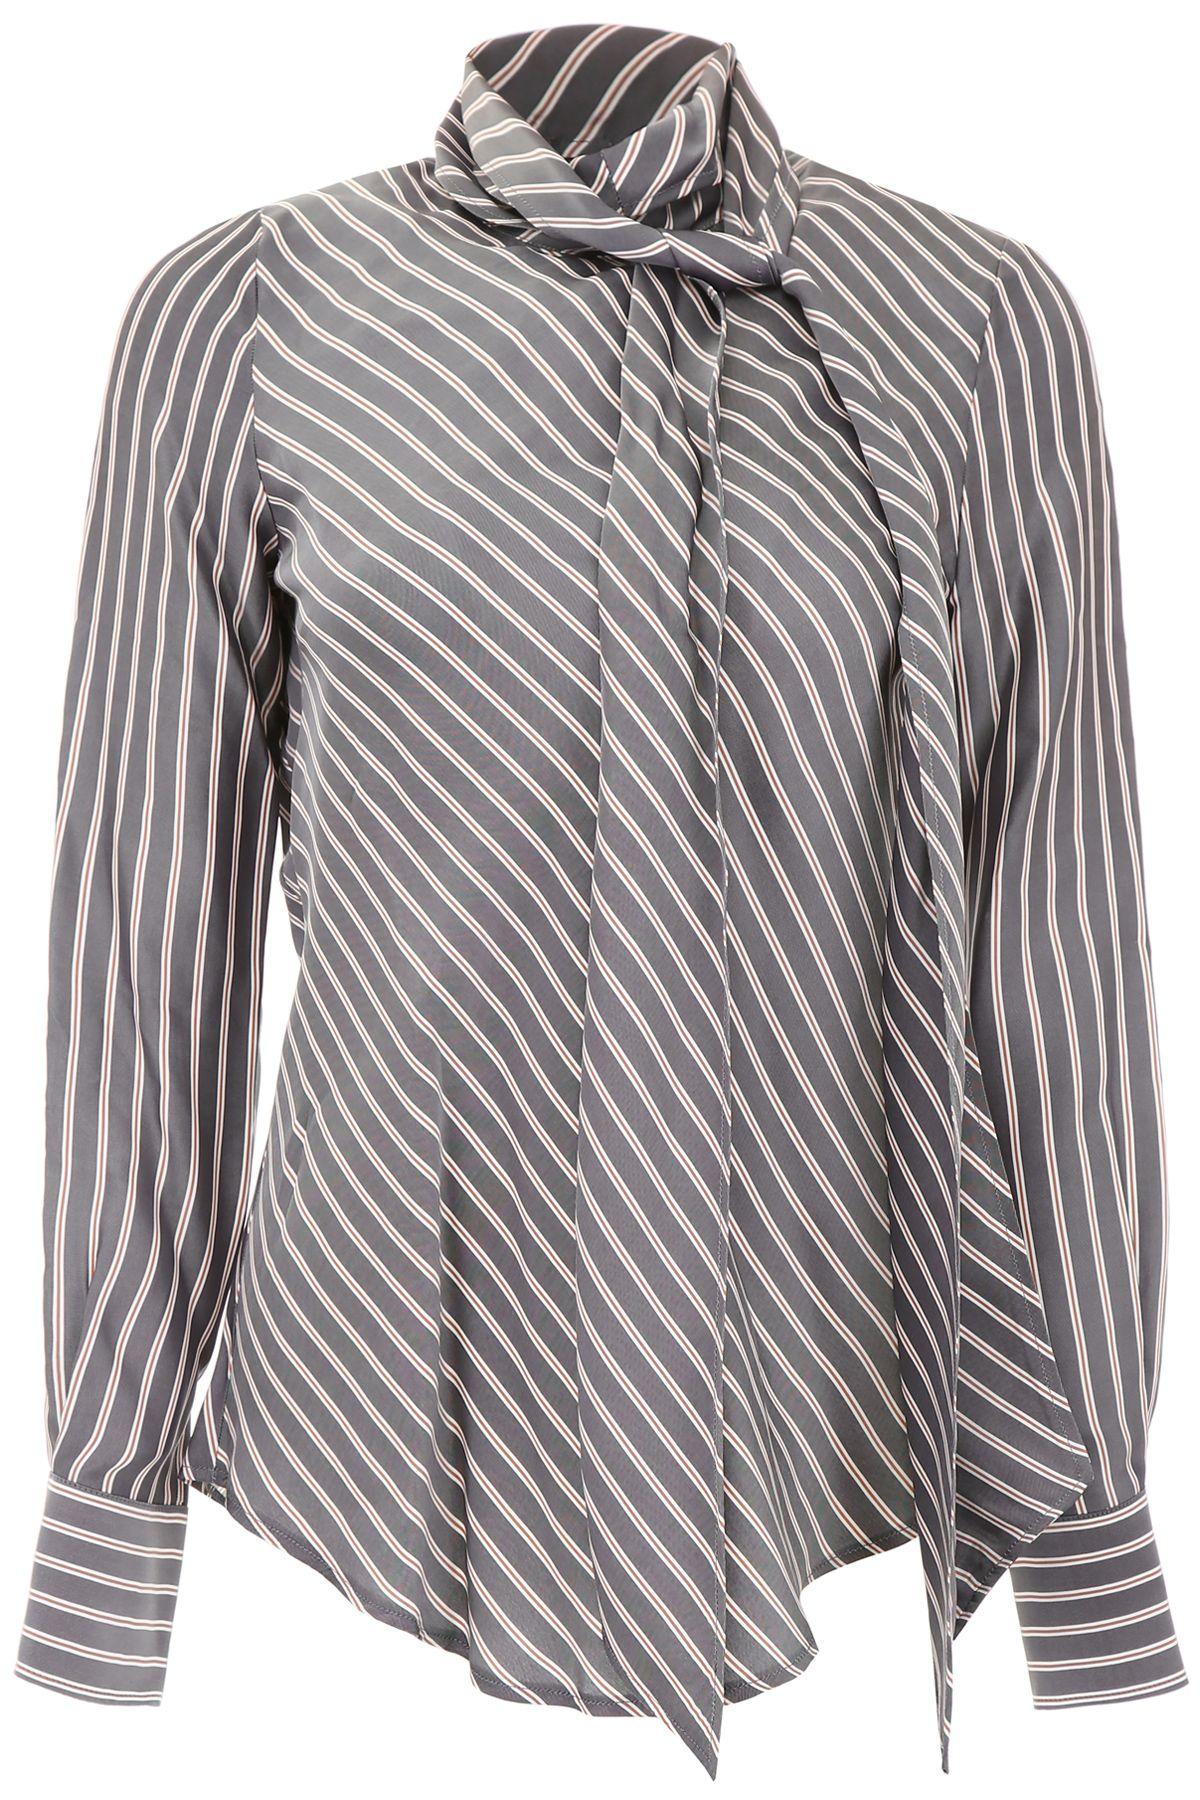 See by Chloé Striped Shirt